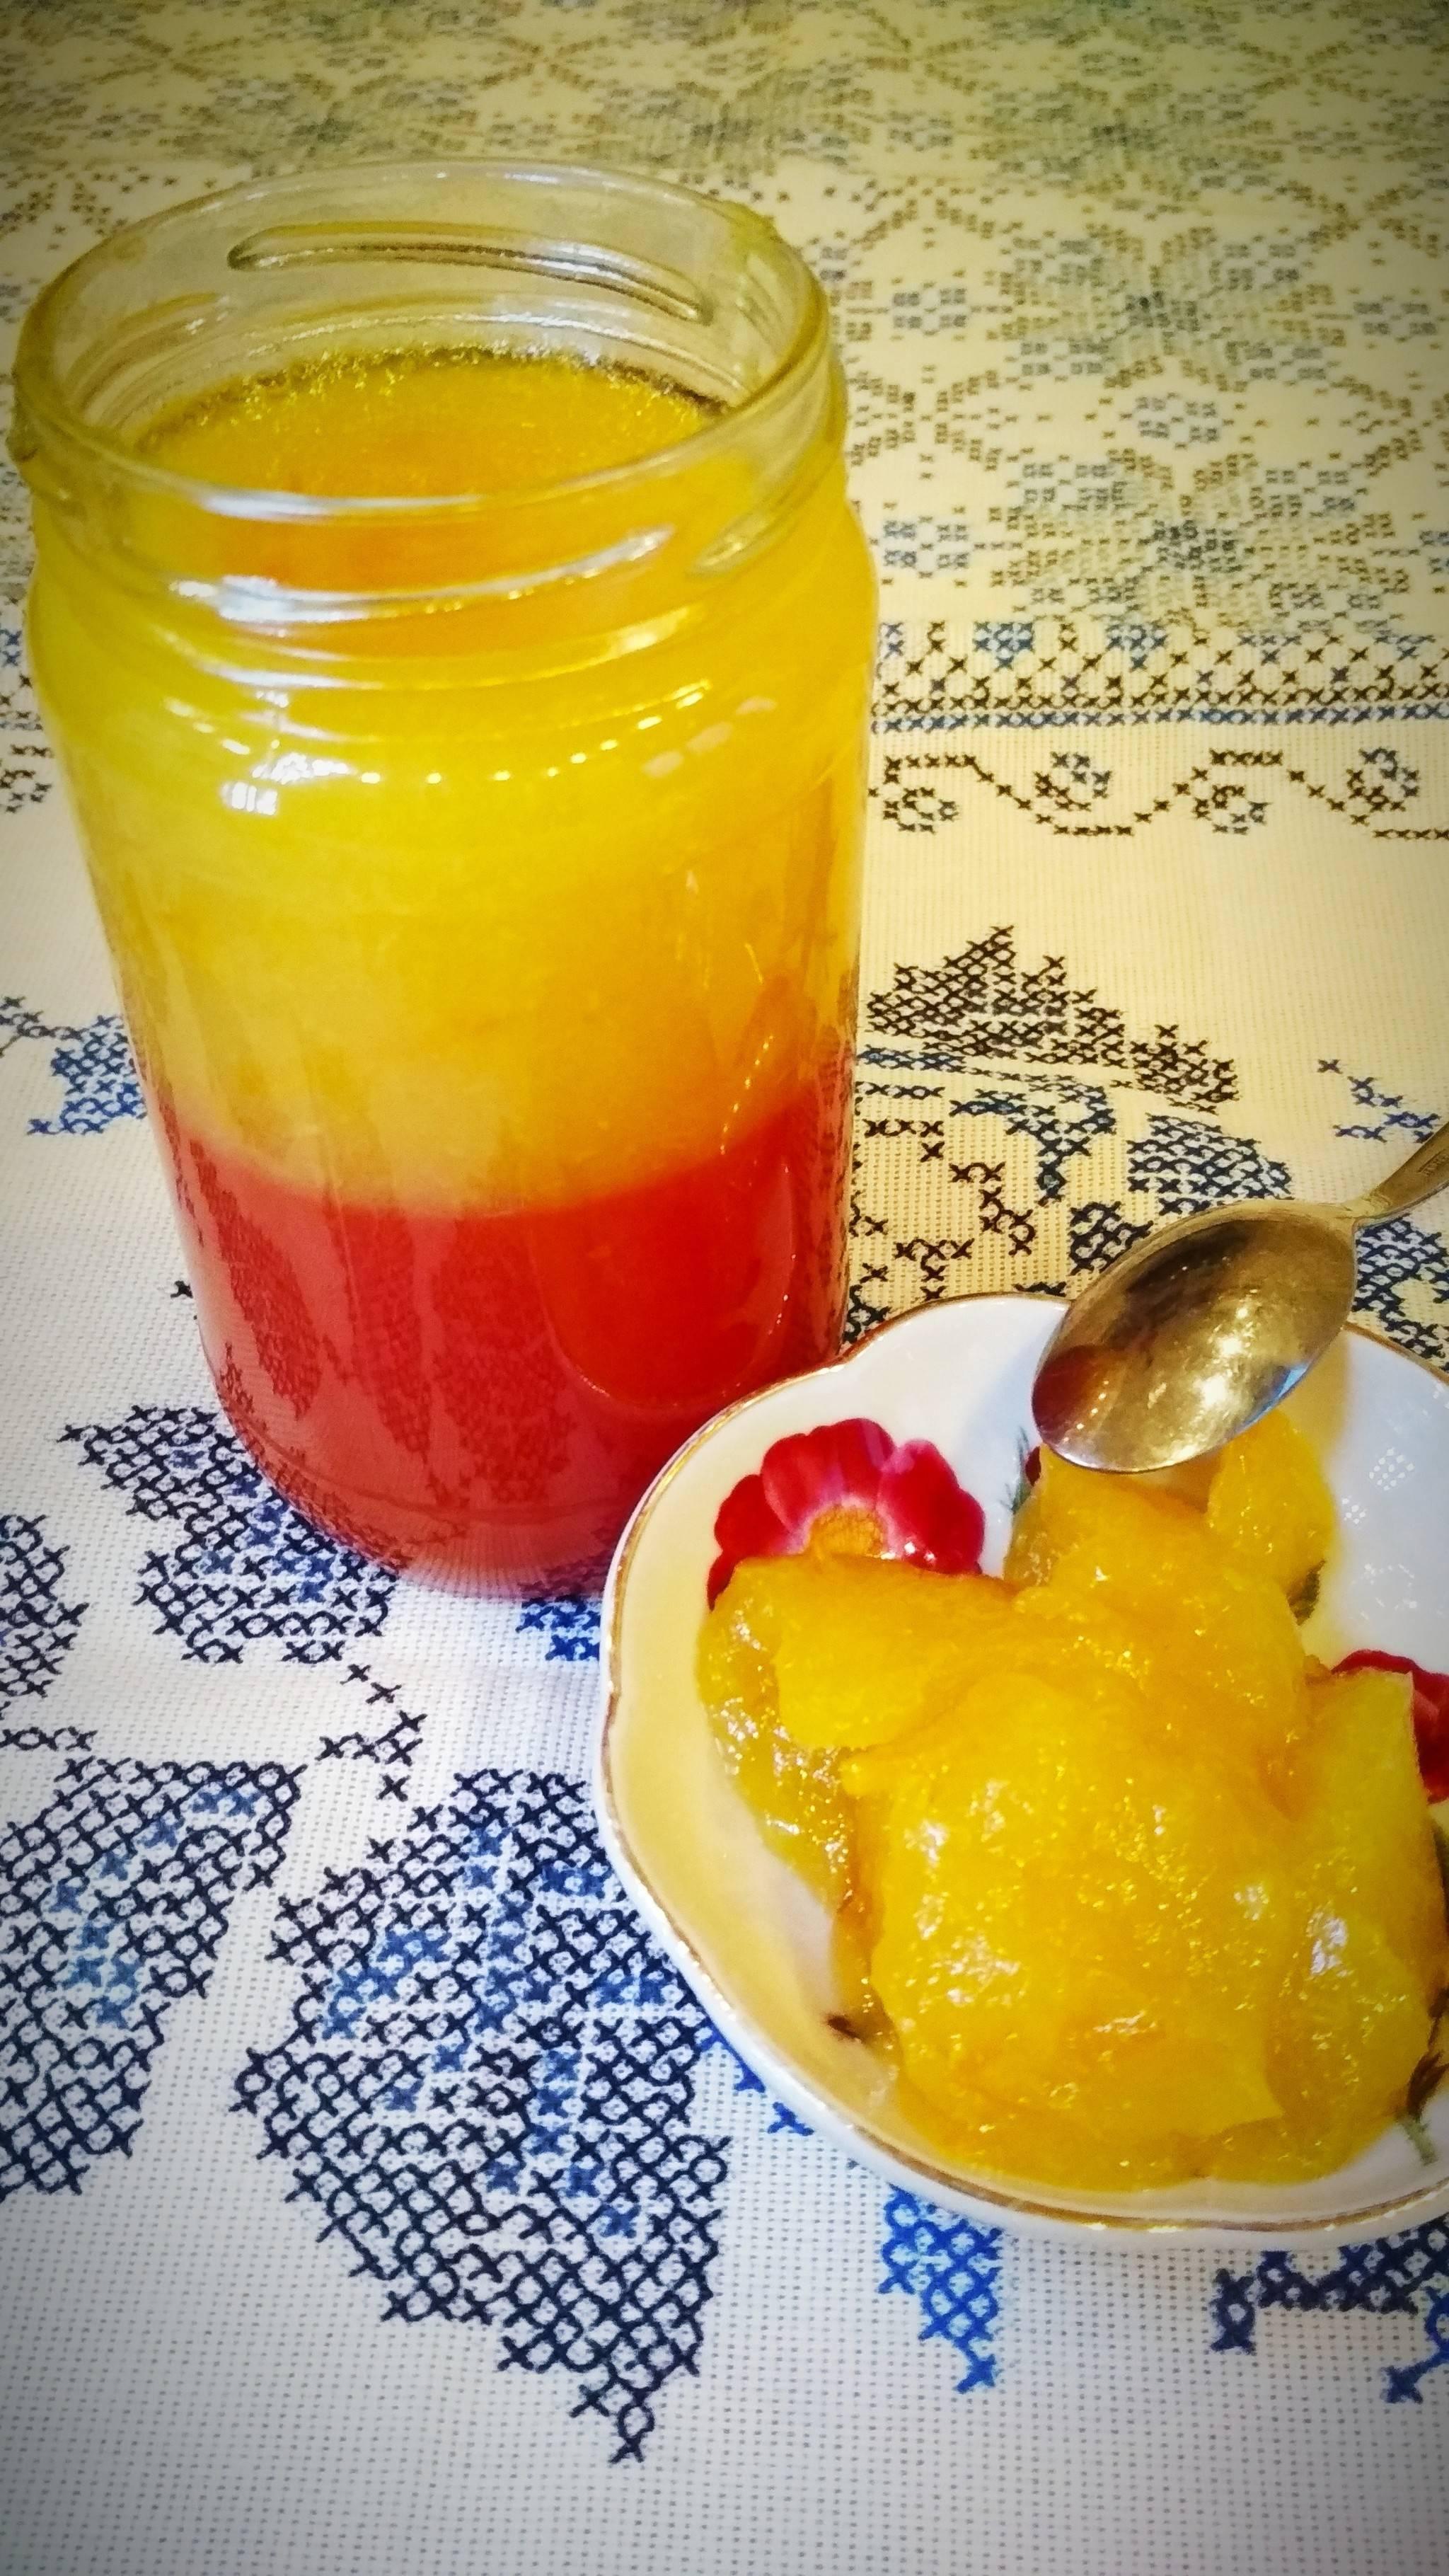 Сколько лимонной кислоты добавлять в варенье